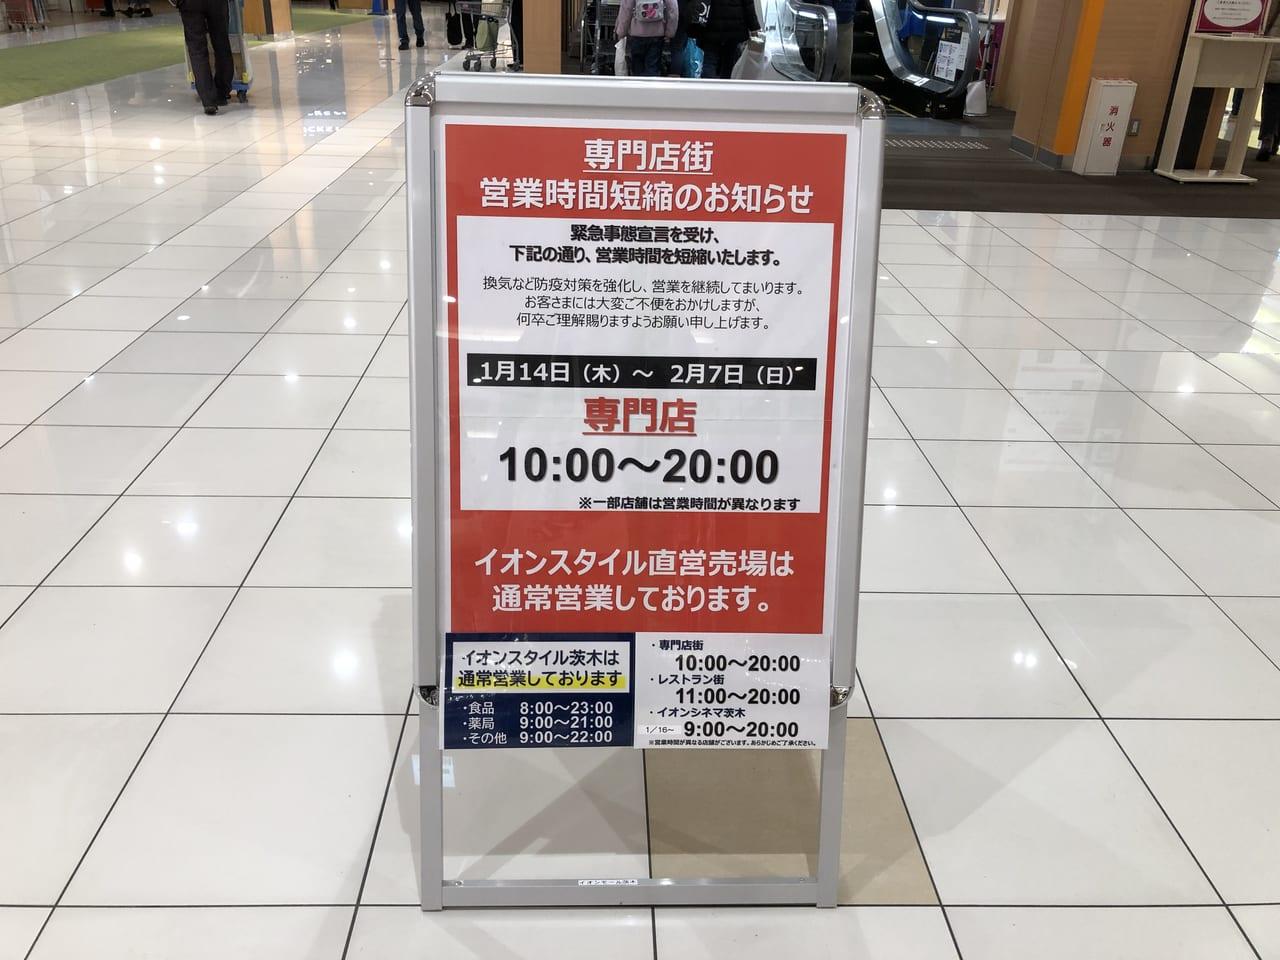 専門店街の営業時間変更